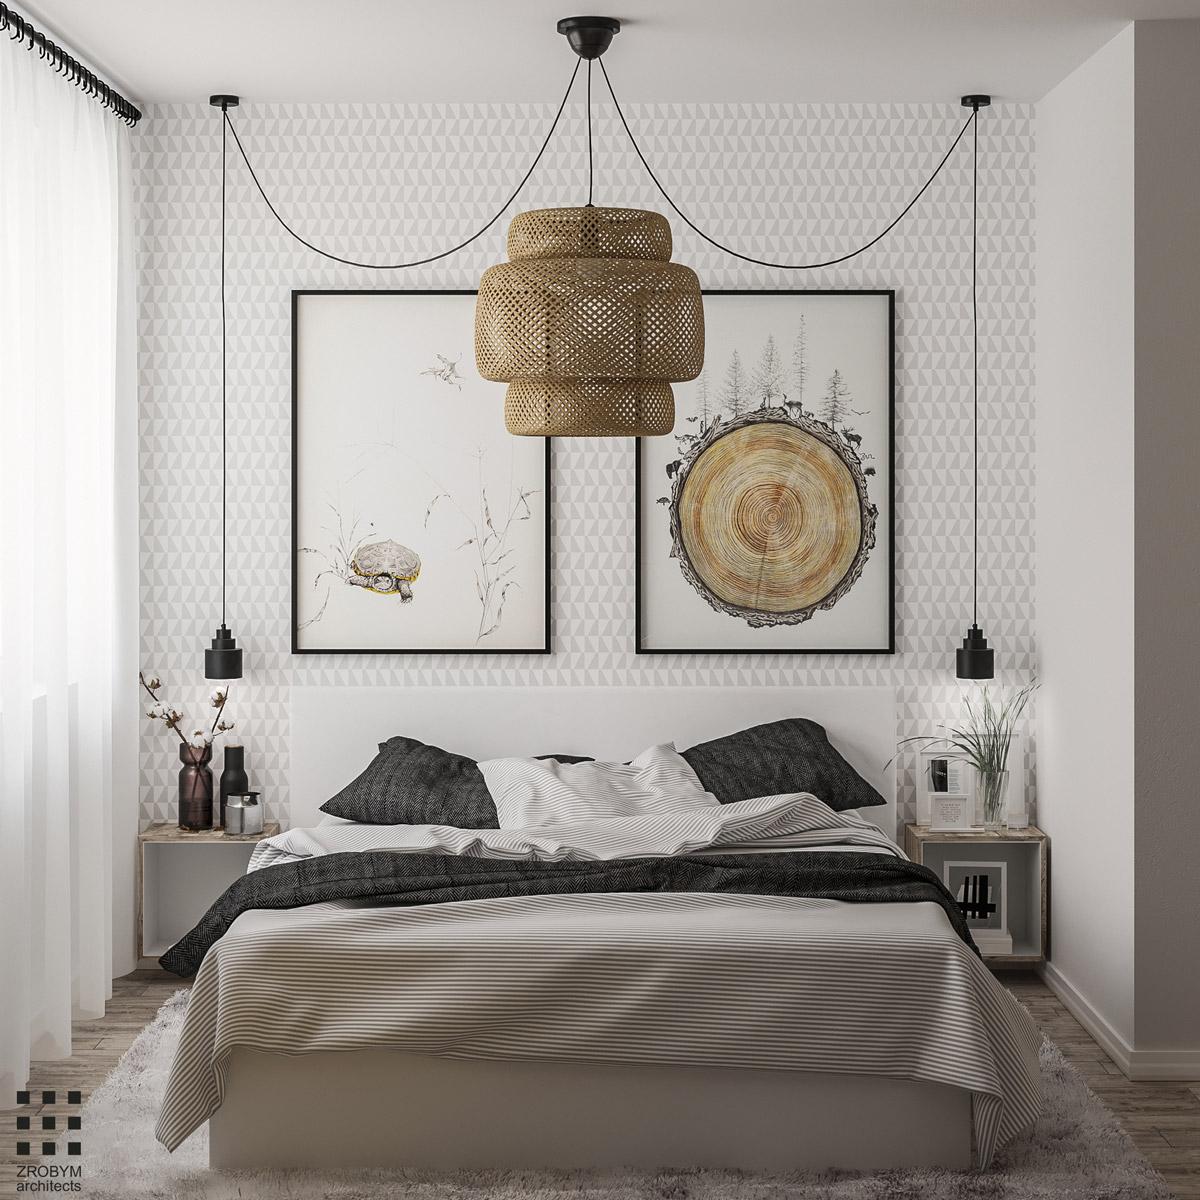 kis hálószoba ötlet - fókuszpont a falon